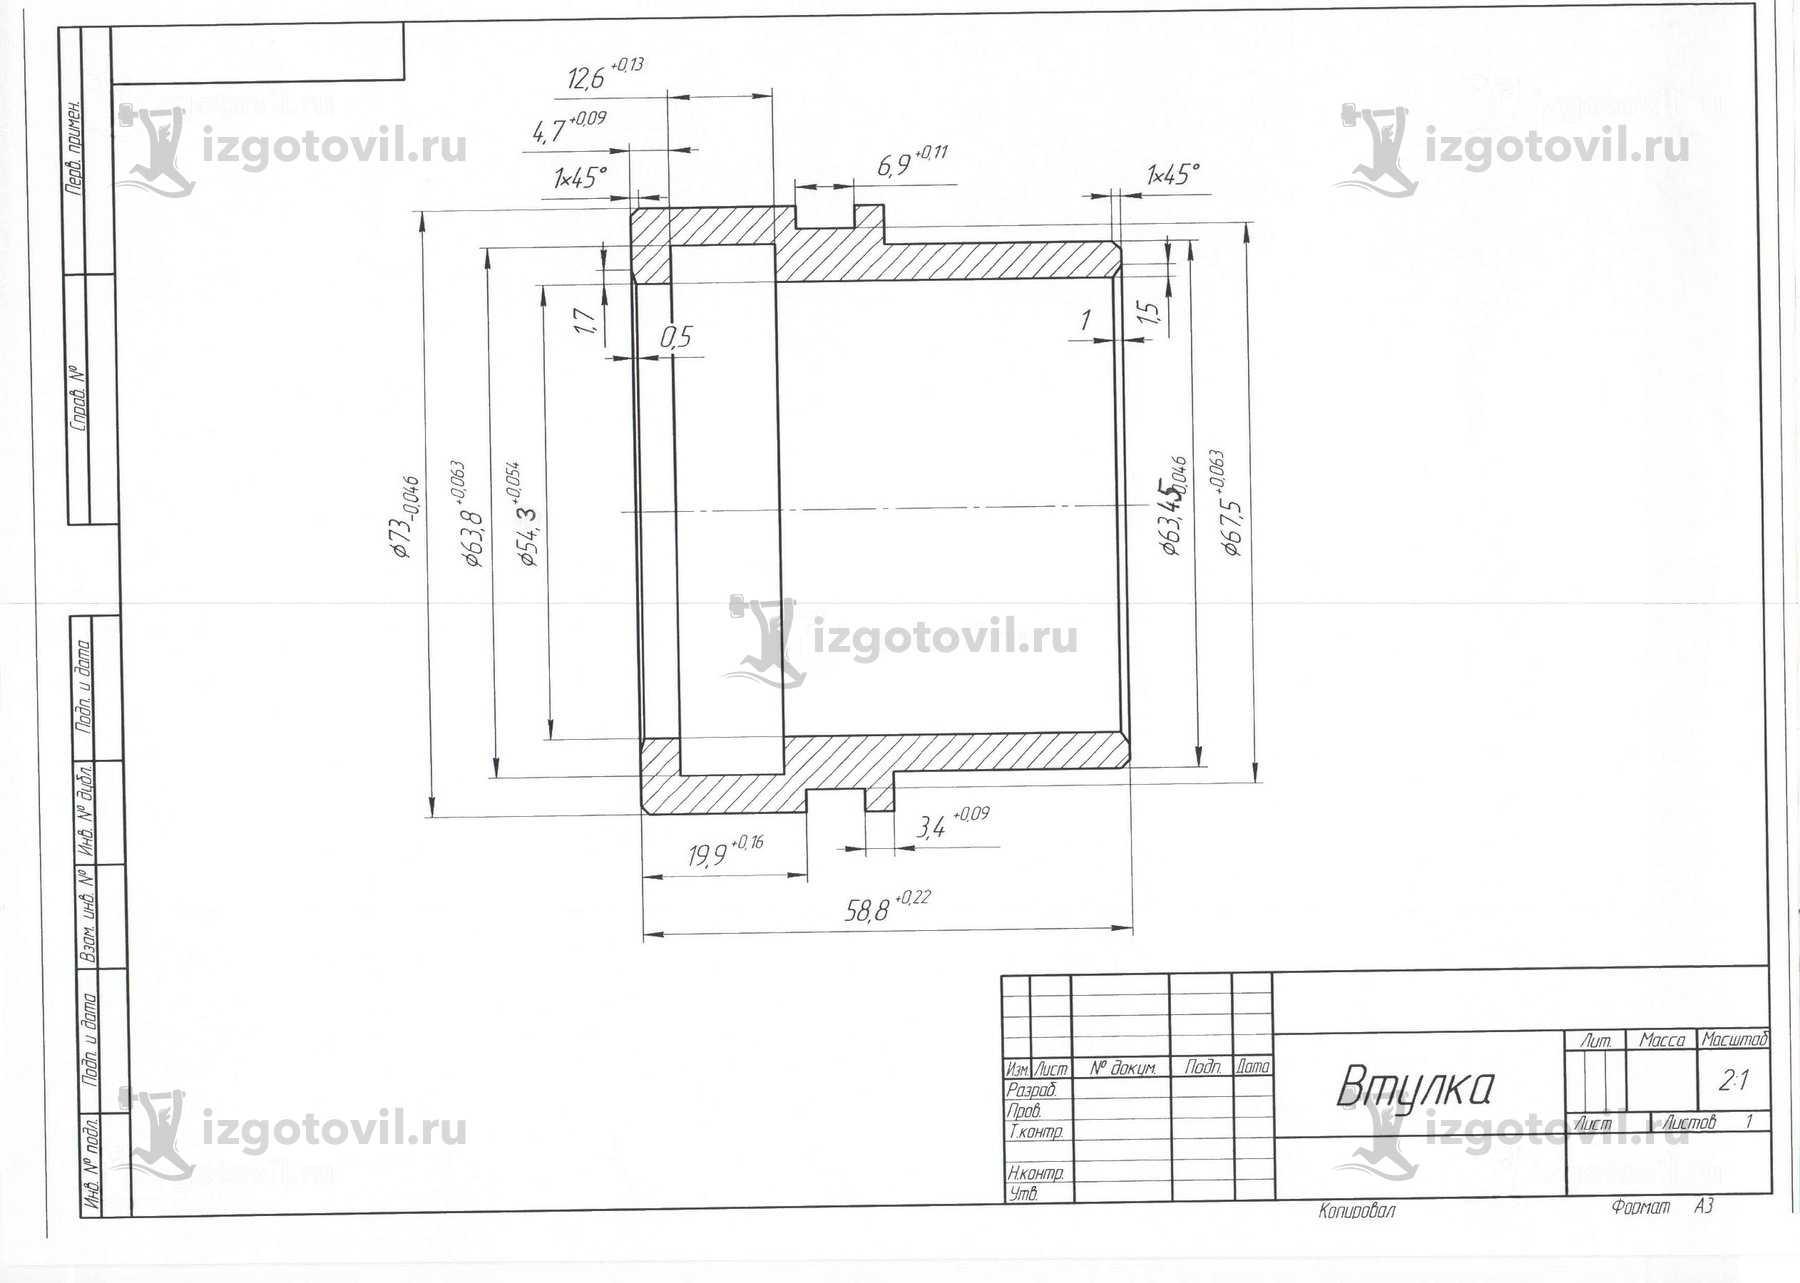 Токарная обработка деталей (втулка)